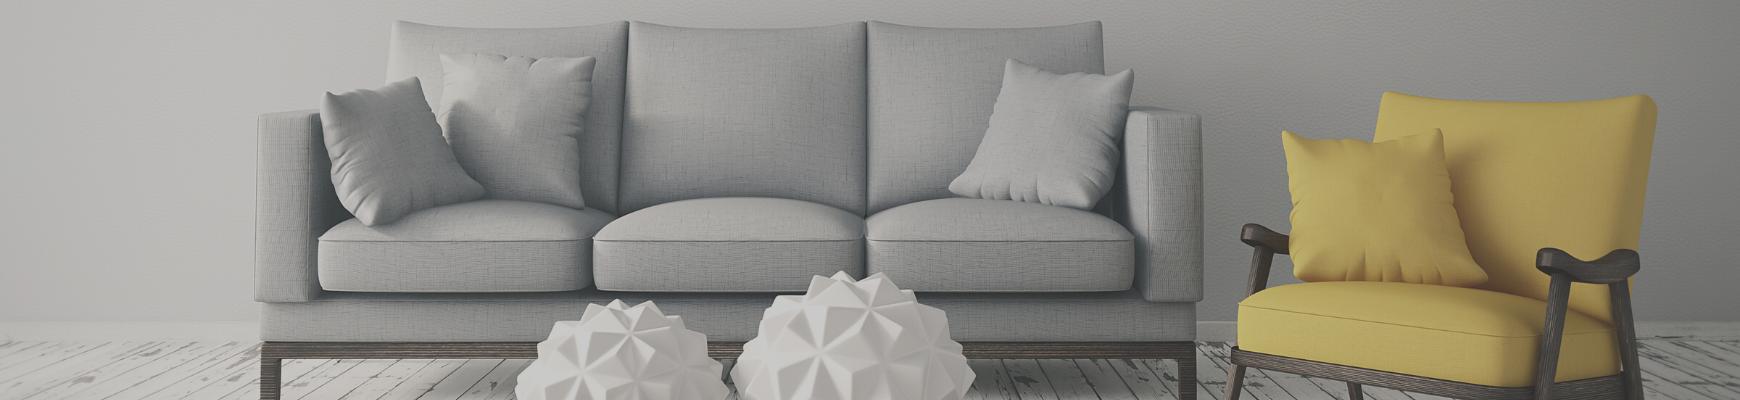 Furniture Config Demo - Web Banner